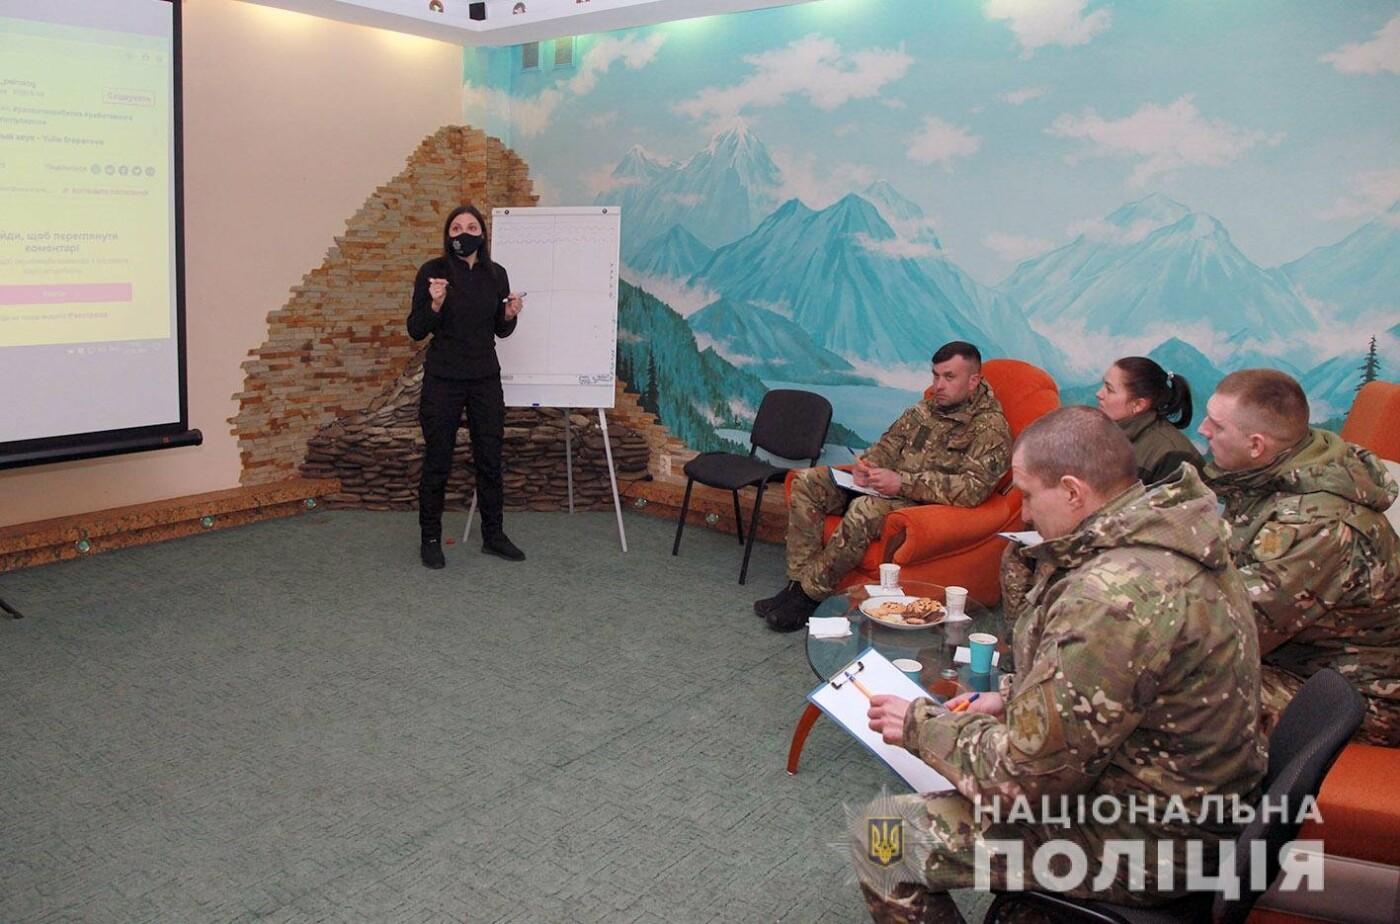 У Хмельницькому поліцейські психологи навчають учасників ООС, як зберігати спокій в екстремальних умовах, фото-1